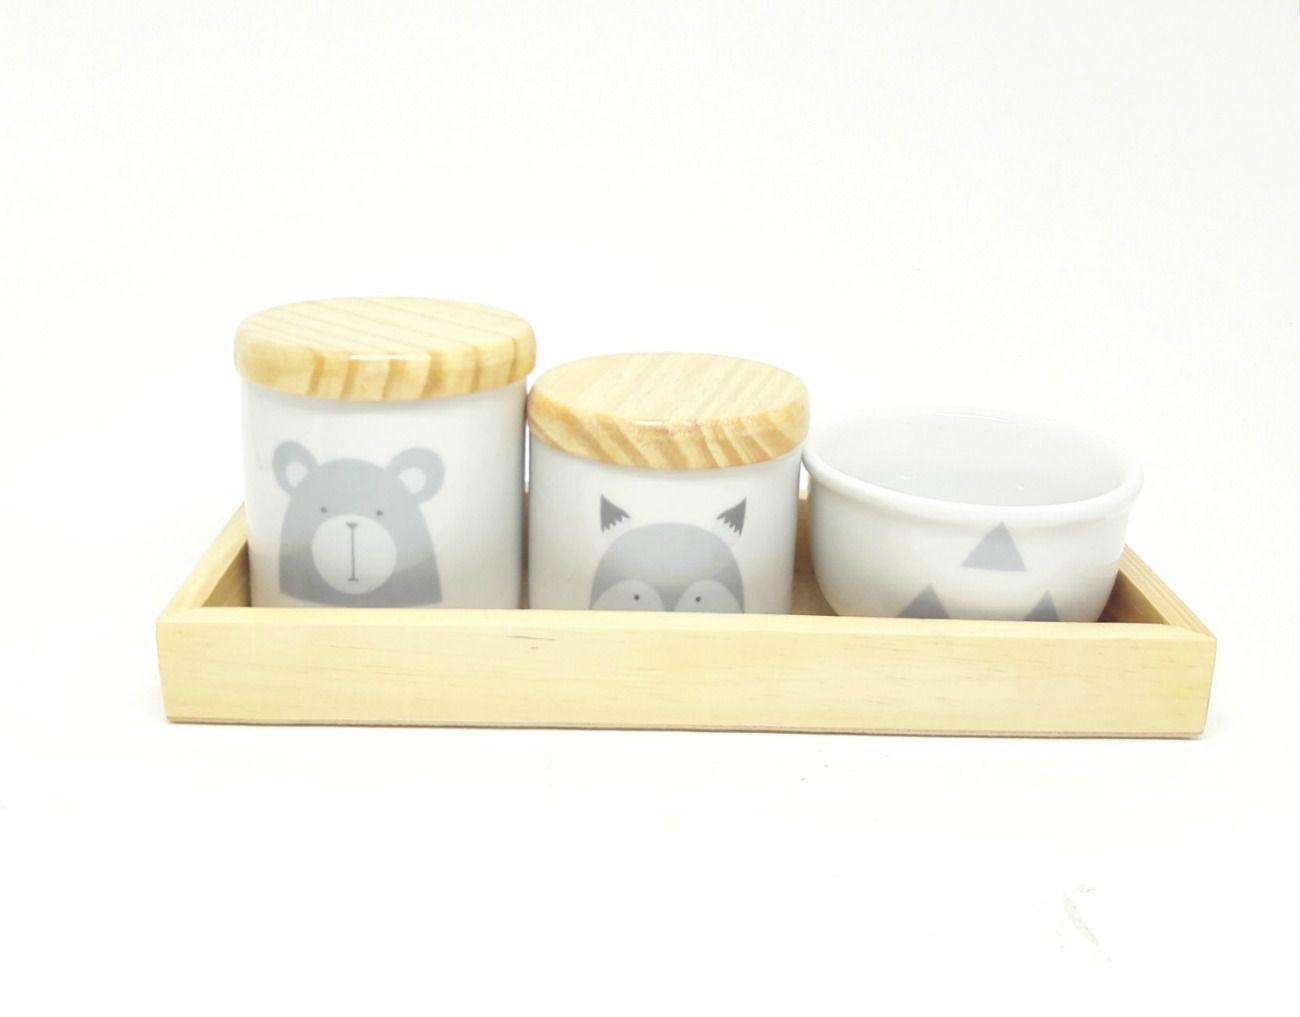 Kit Higiene Bebê Porcelana Escandinavo |Urso e Raposa | Geométrico | Madeira Pinus e MDF com Bandeja